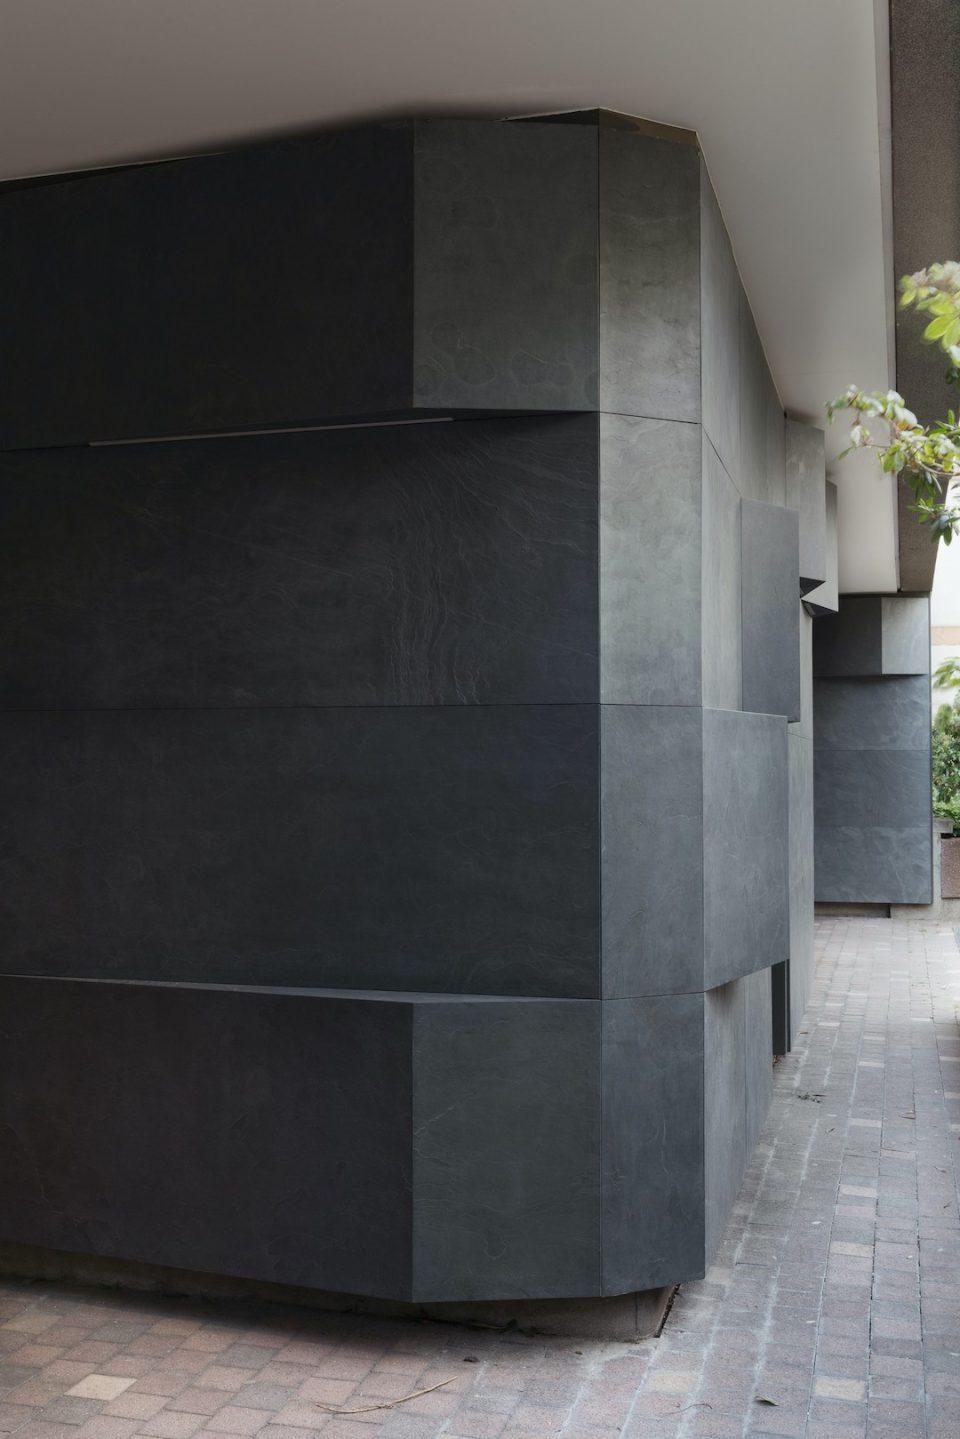 Feuille de pierre 100% naturelle StoneLeaf modèle Londres sur les murs en façade d'un immeuble